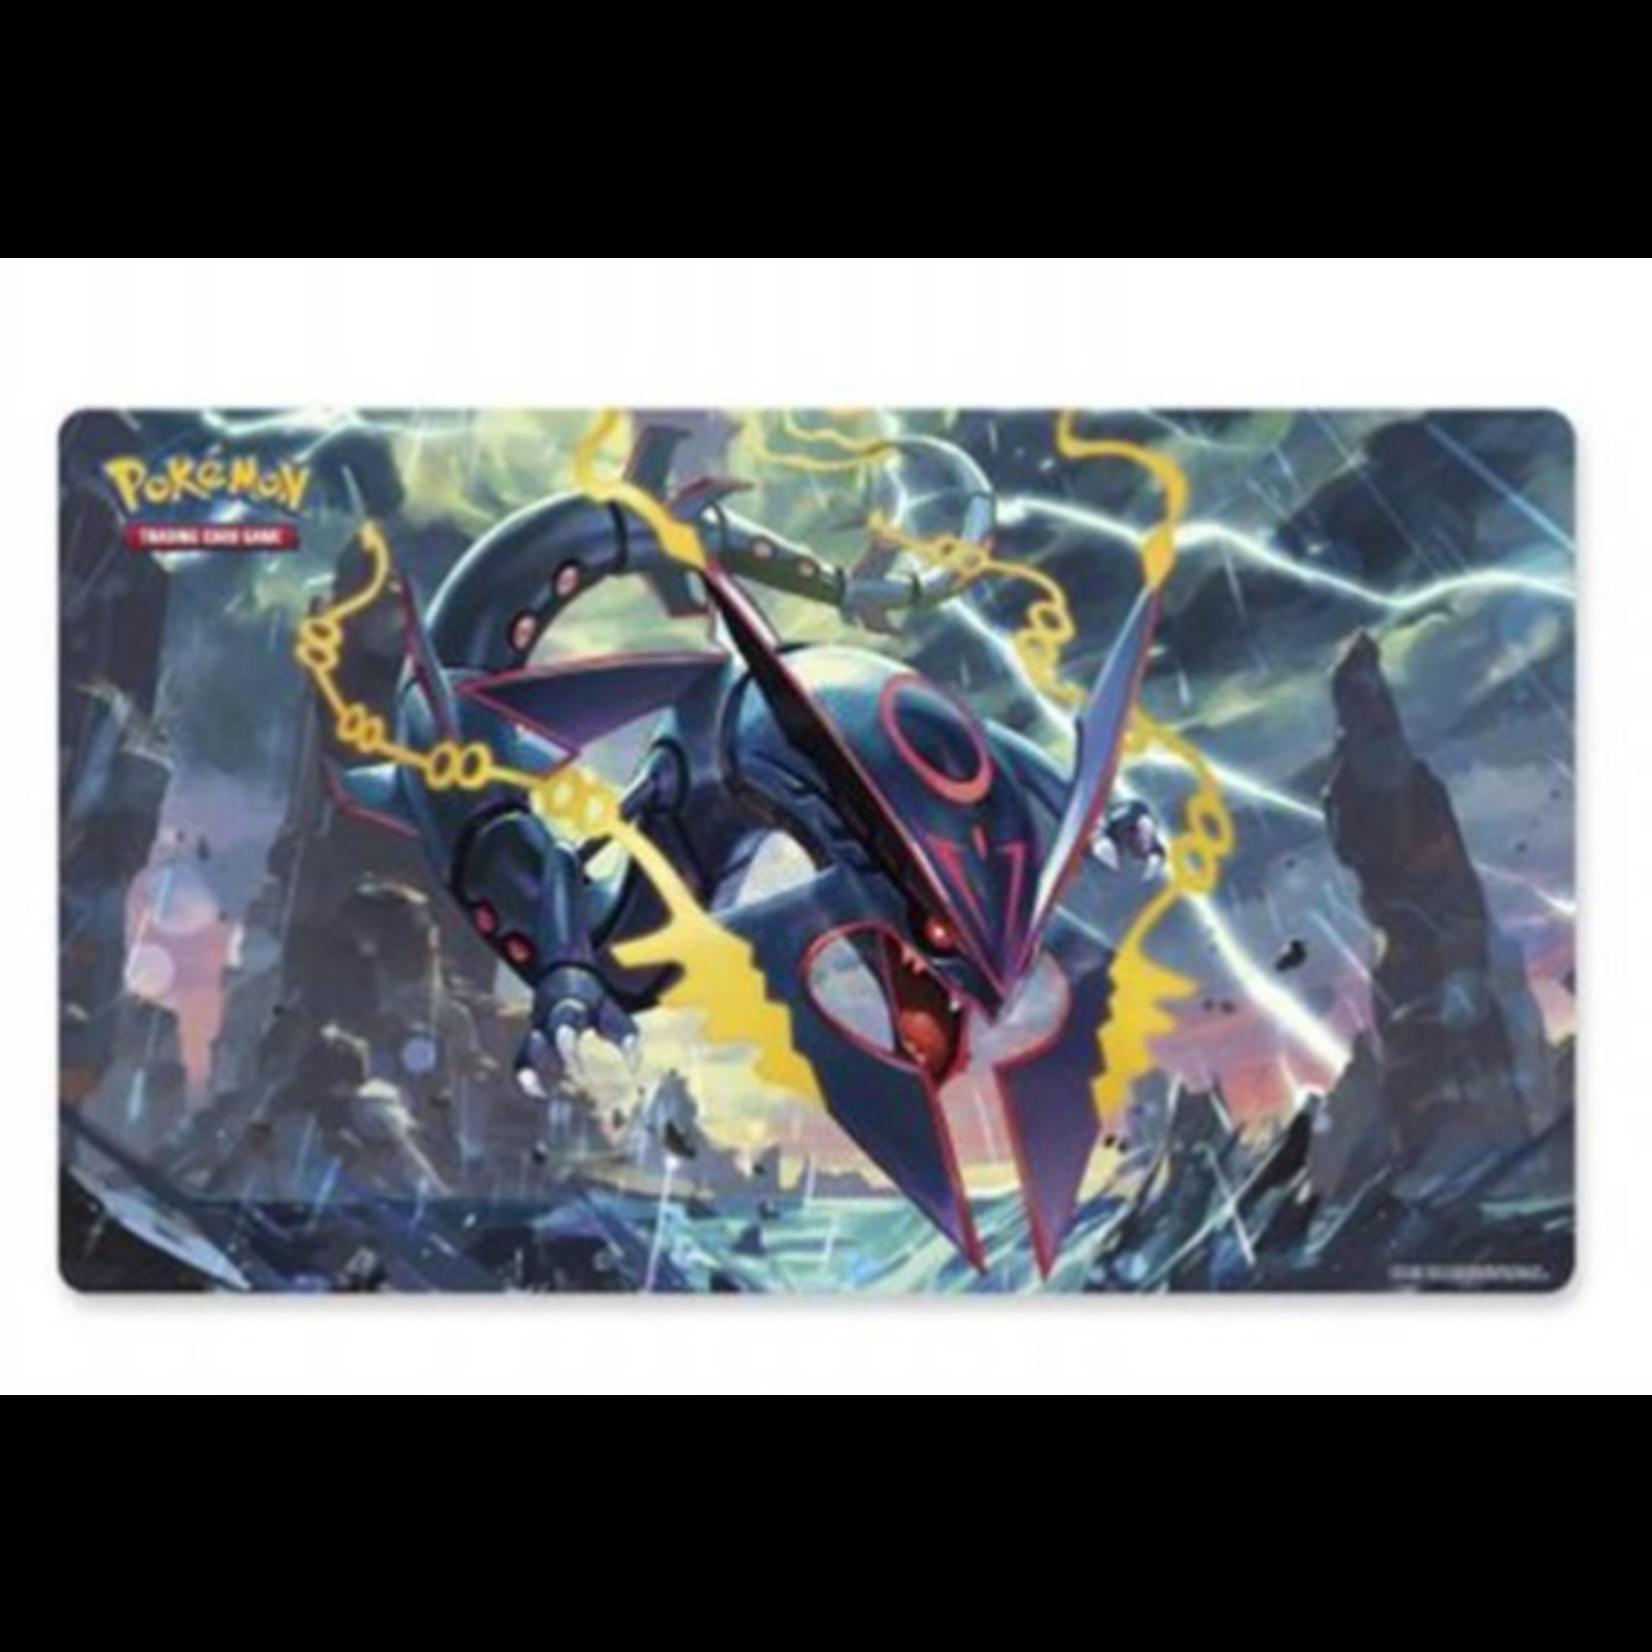 Pokemon TCG: Shiny Mega Rayquaza Playmat